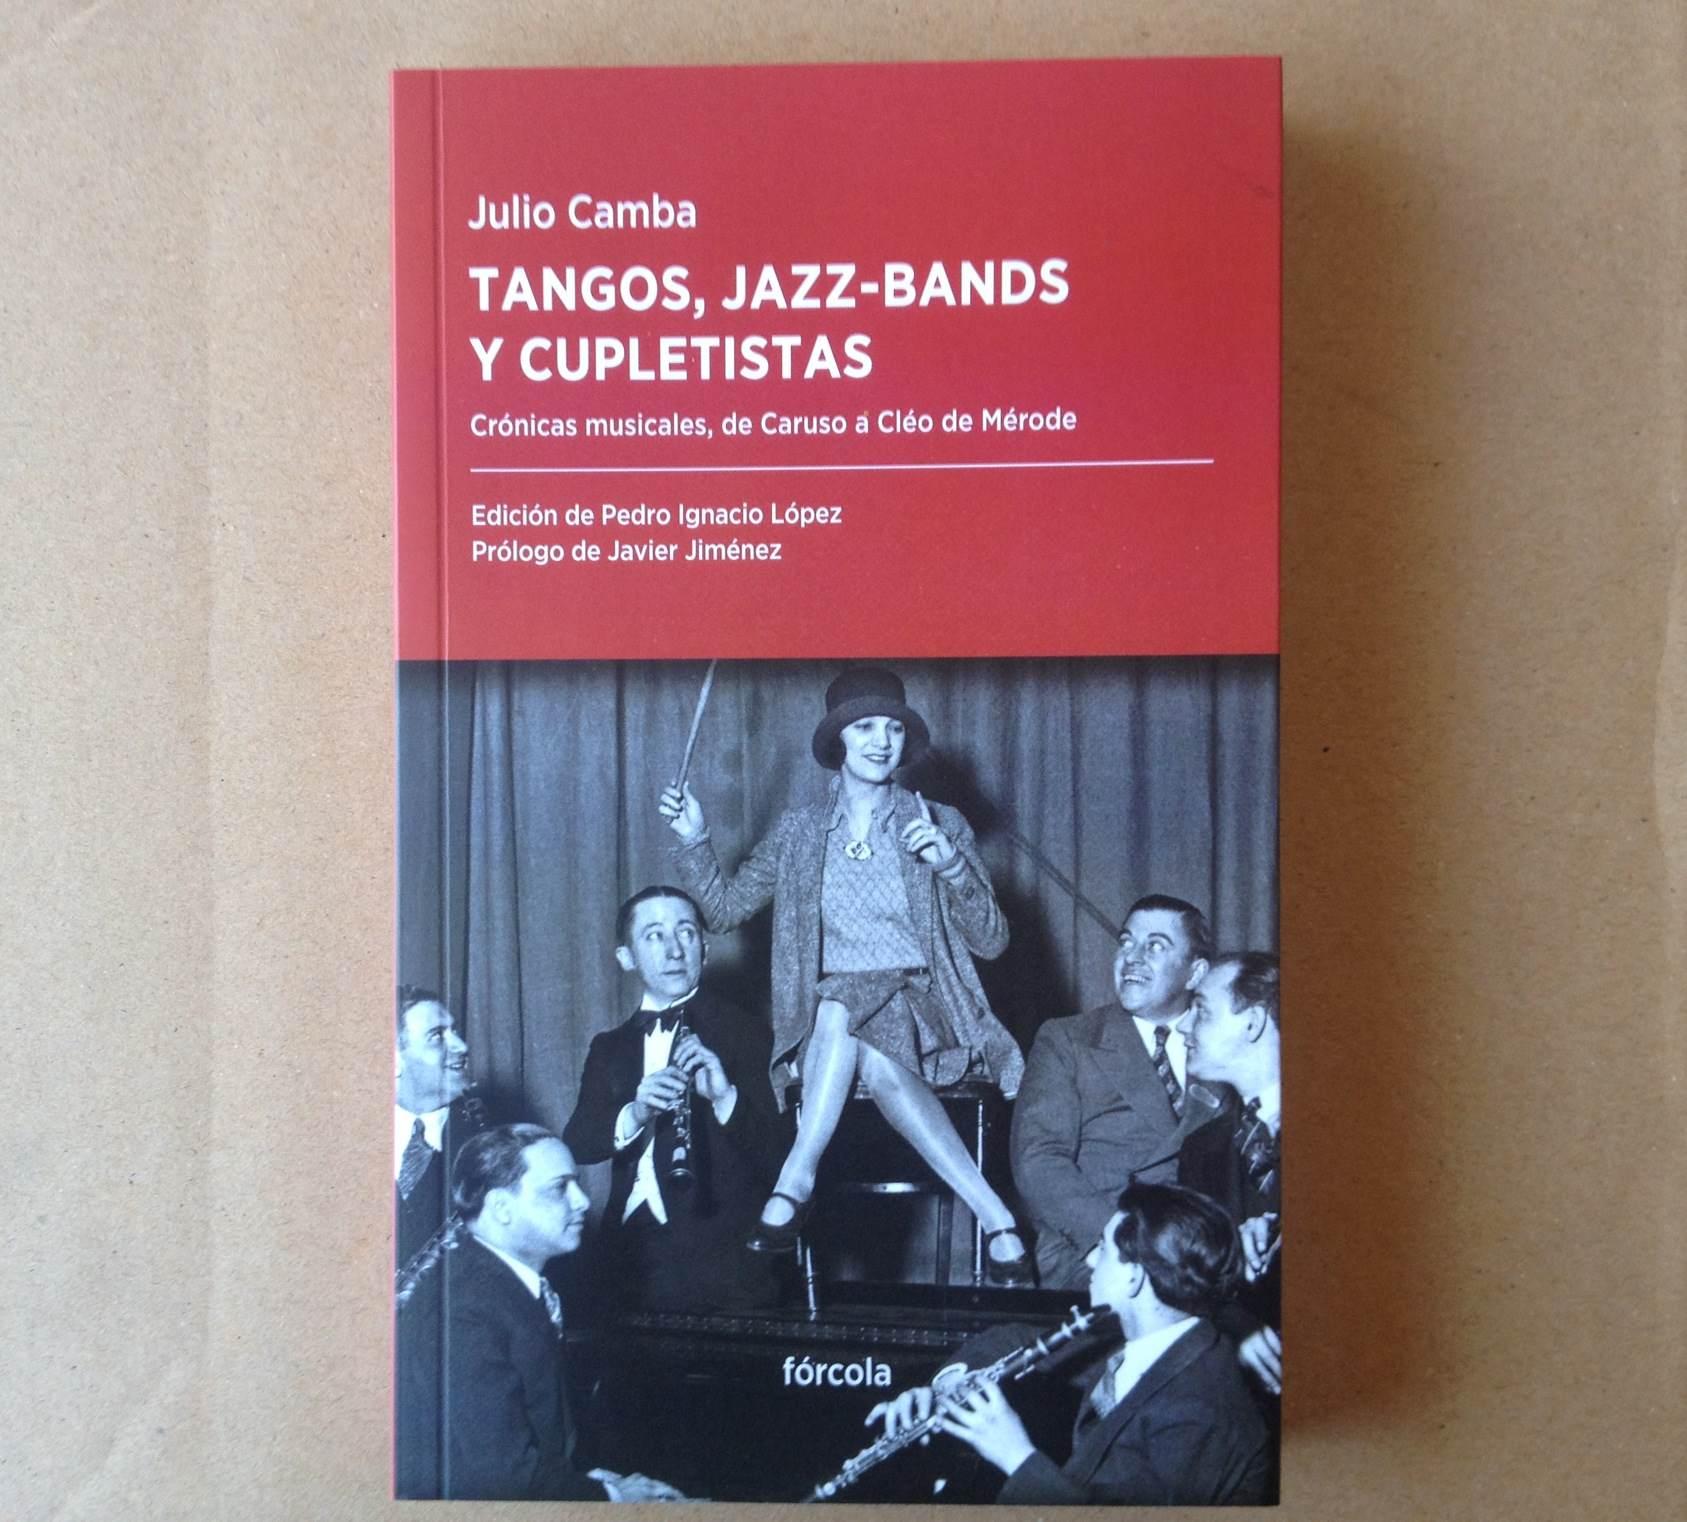 Tangos, jazz-bands y cupletistas